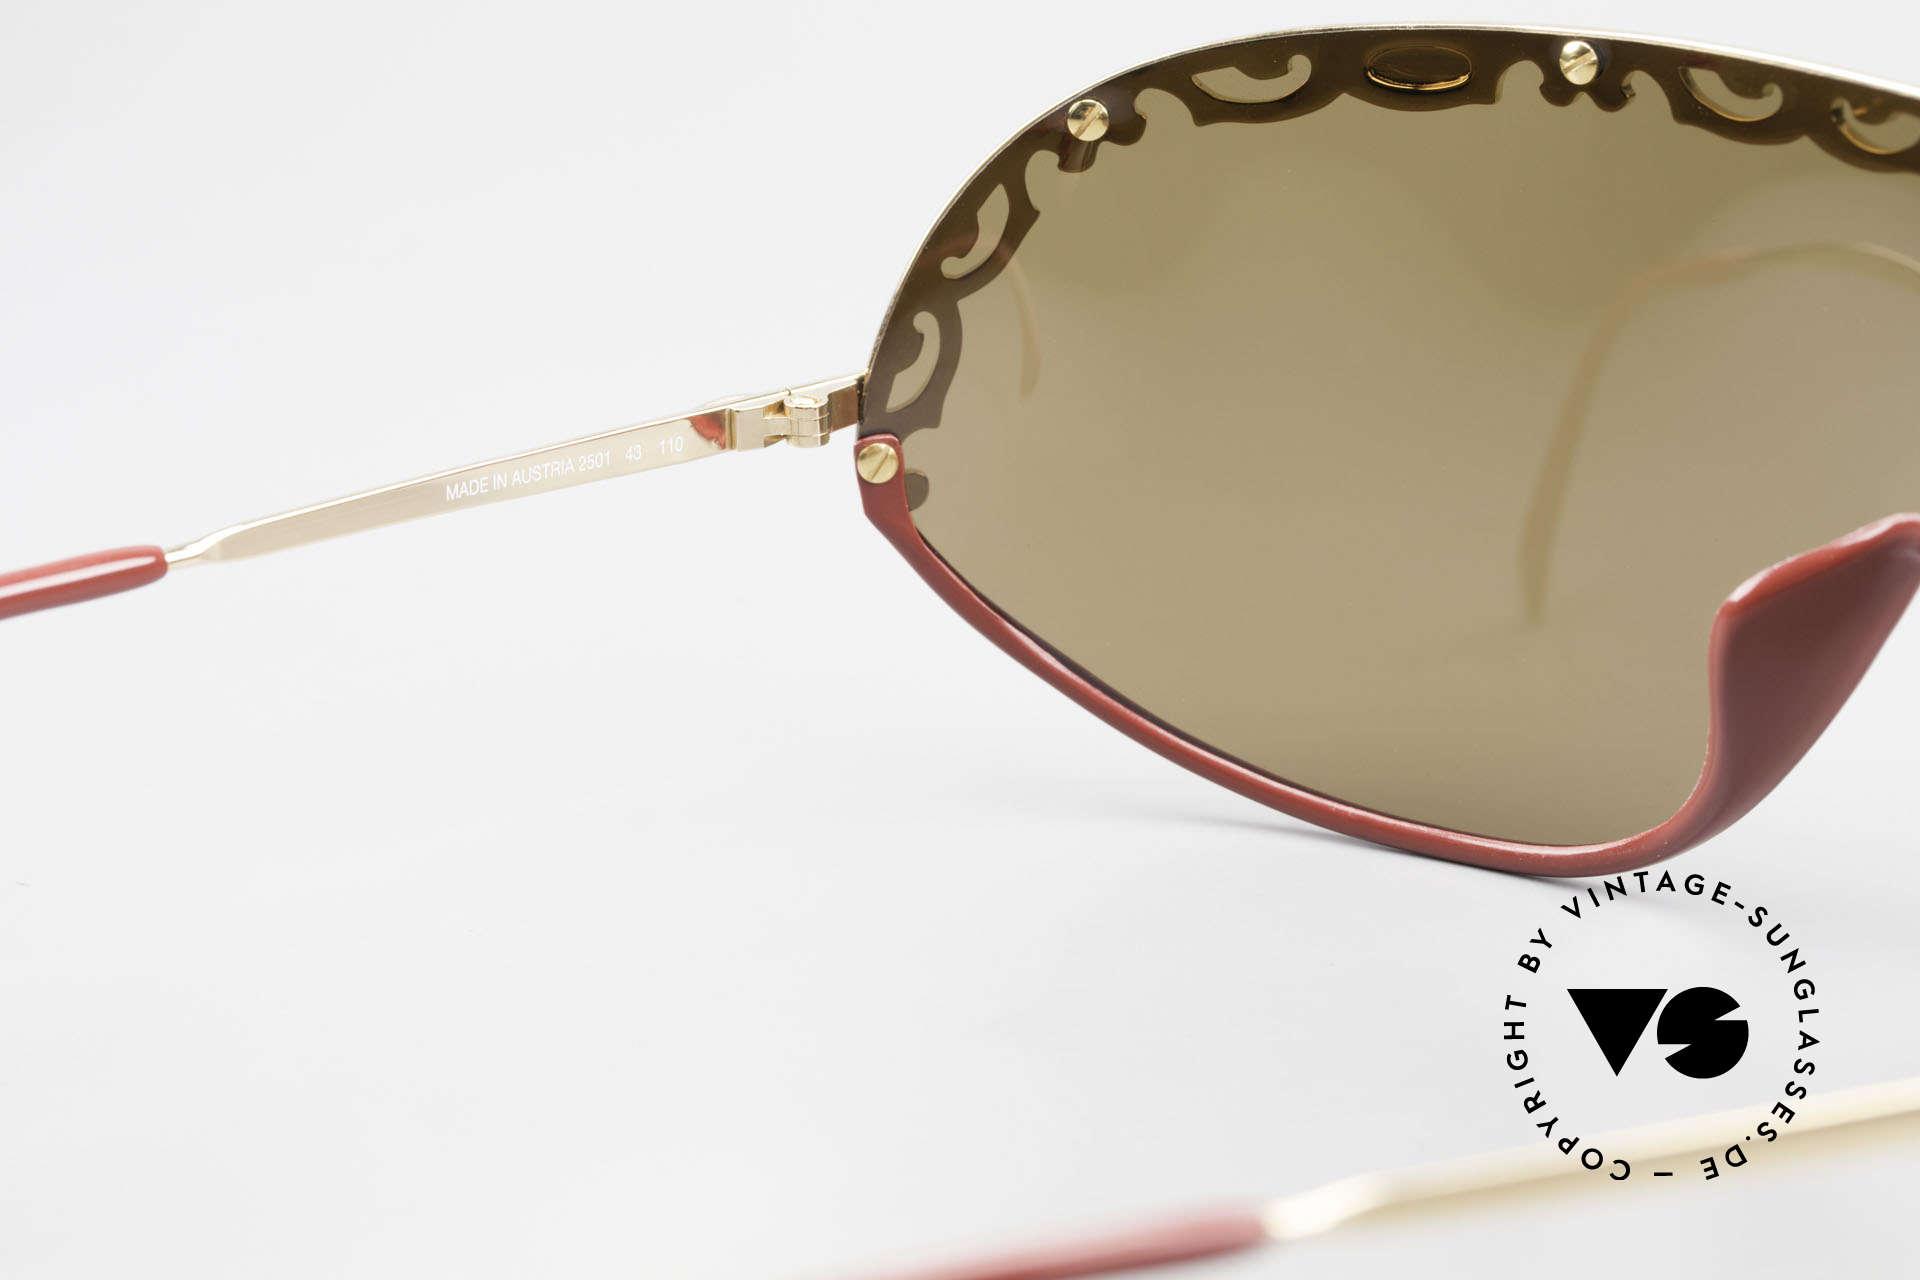 Christian Dior 2501 Panorama View Sonnenbrille, KEINE RETROmode; eine 30 Jahre alte vintage Rarität!, Passend für Damen